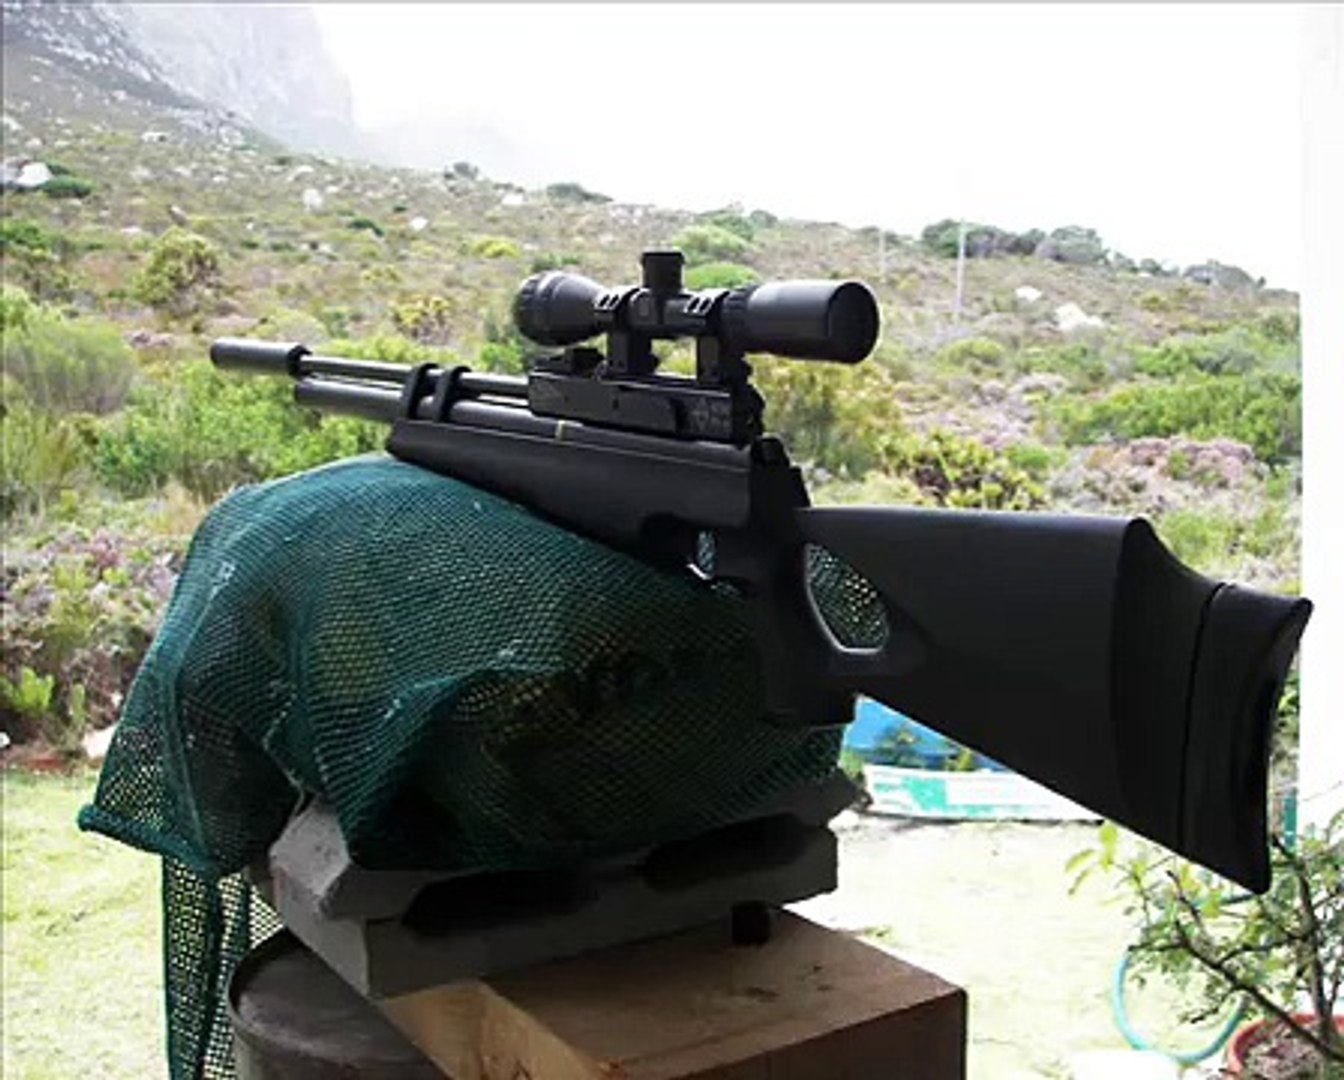 Hatsan AT44-10 video